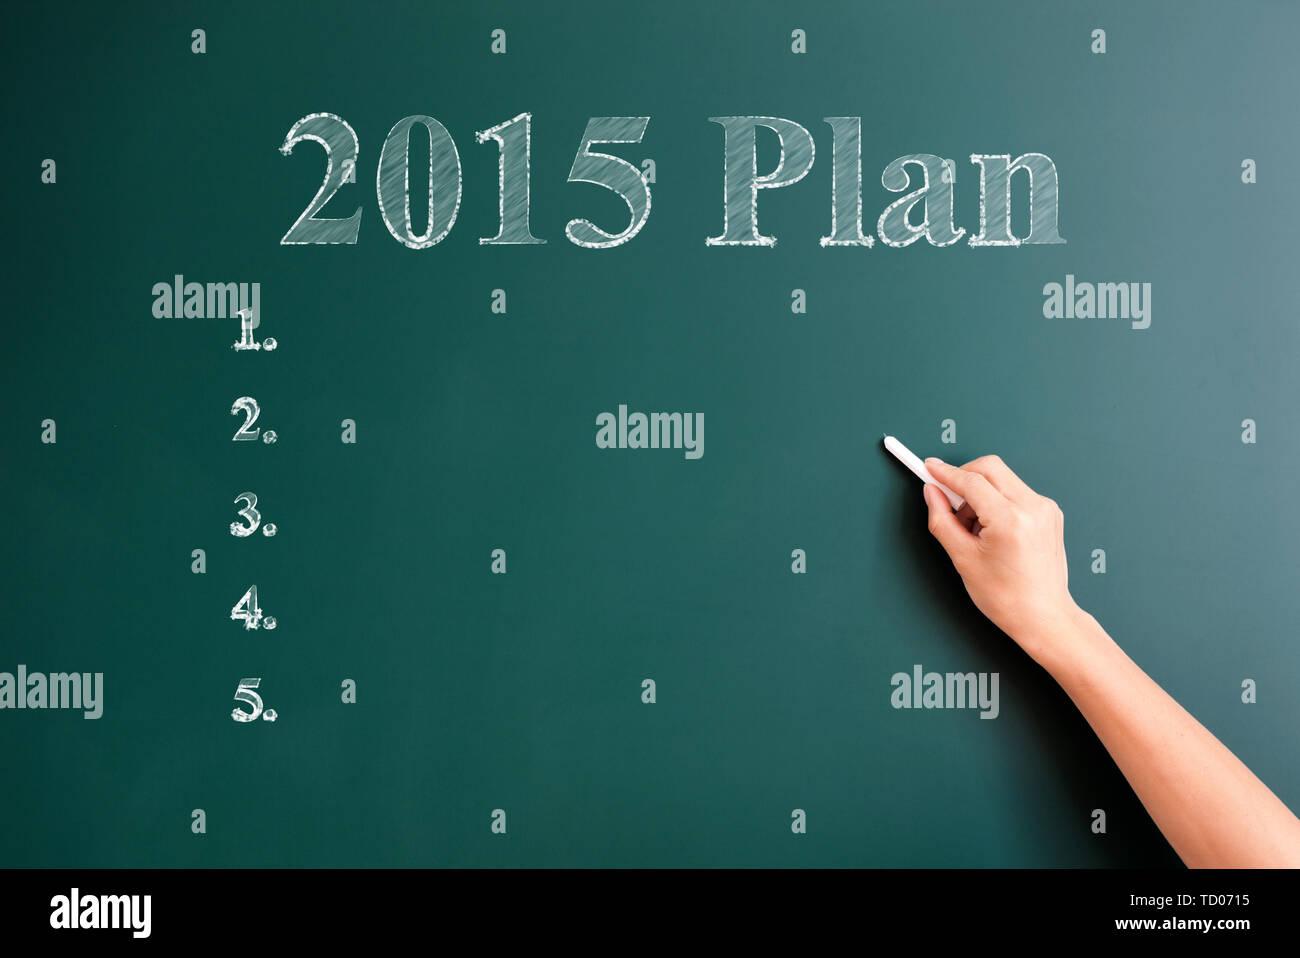 2015 plan written on blackboard - Stock Image